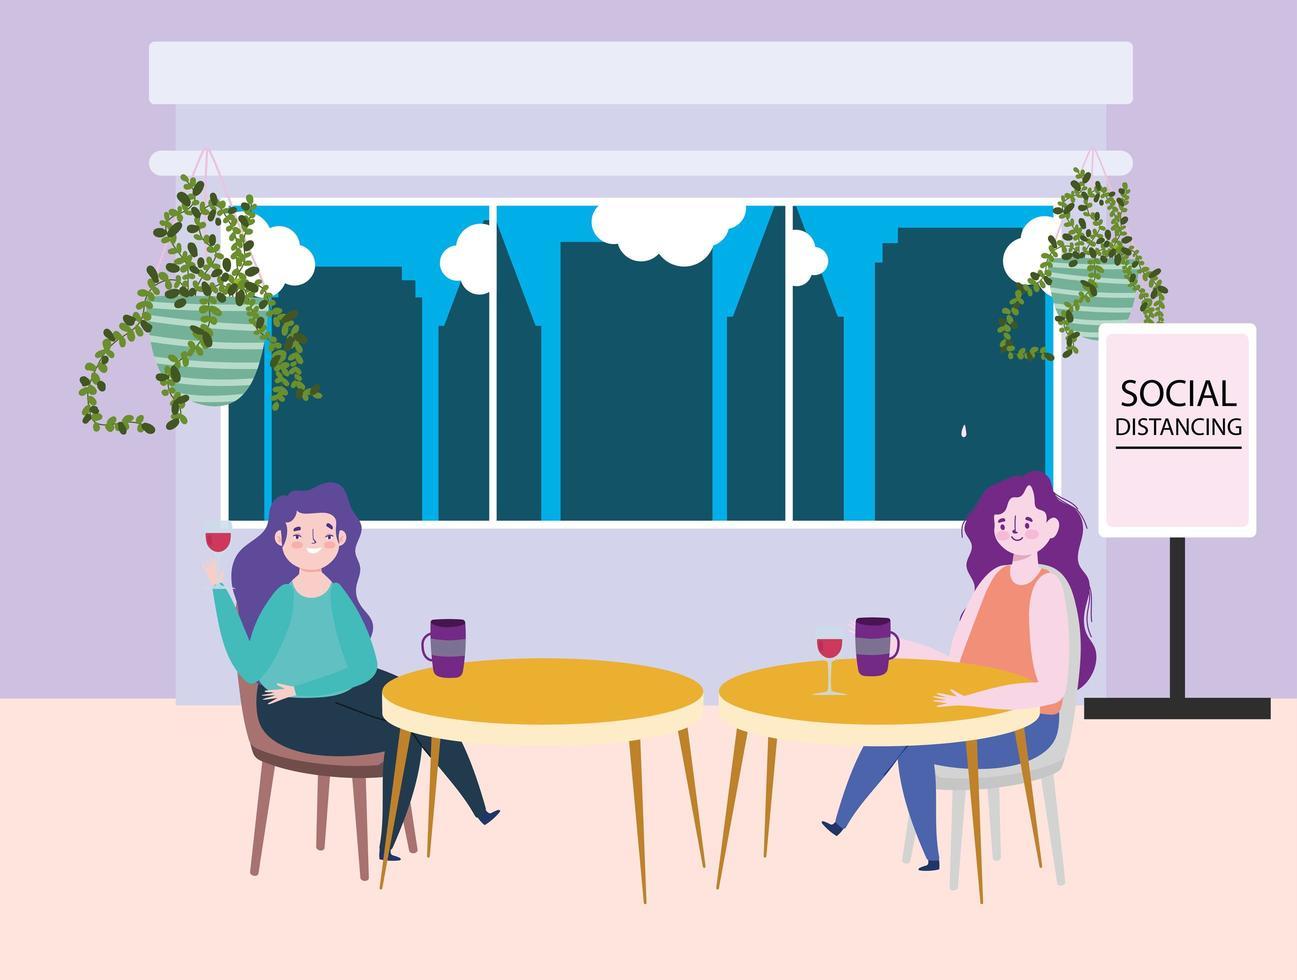 ristorante di allontanamento sociale o un bar, due donne single con tazze di caffè tengono le distanze ai tavoli, covid 19 coronavirus, nuova vita normale vettore